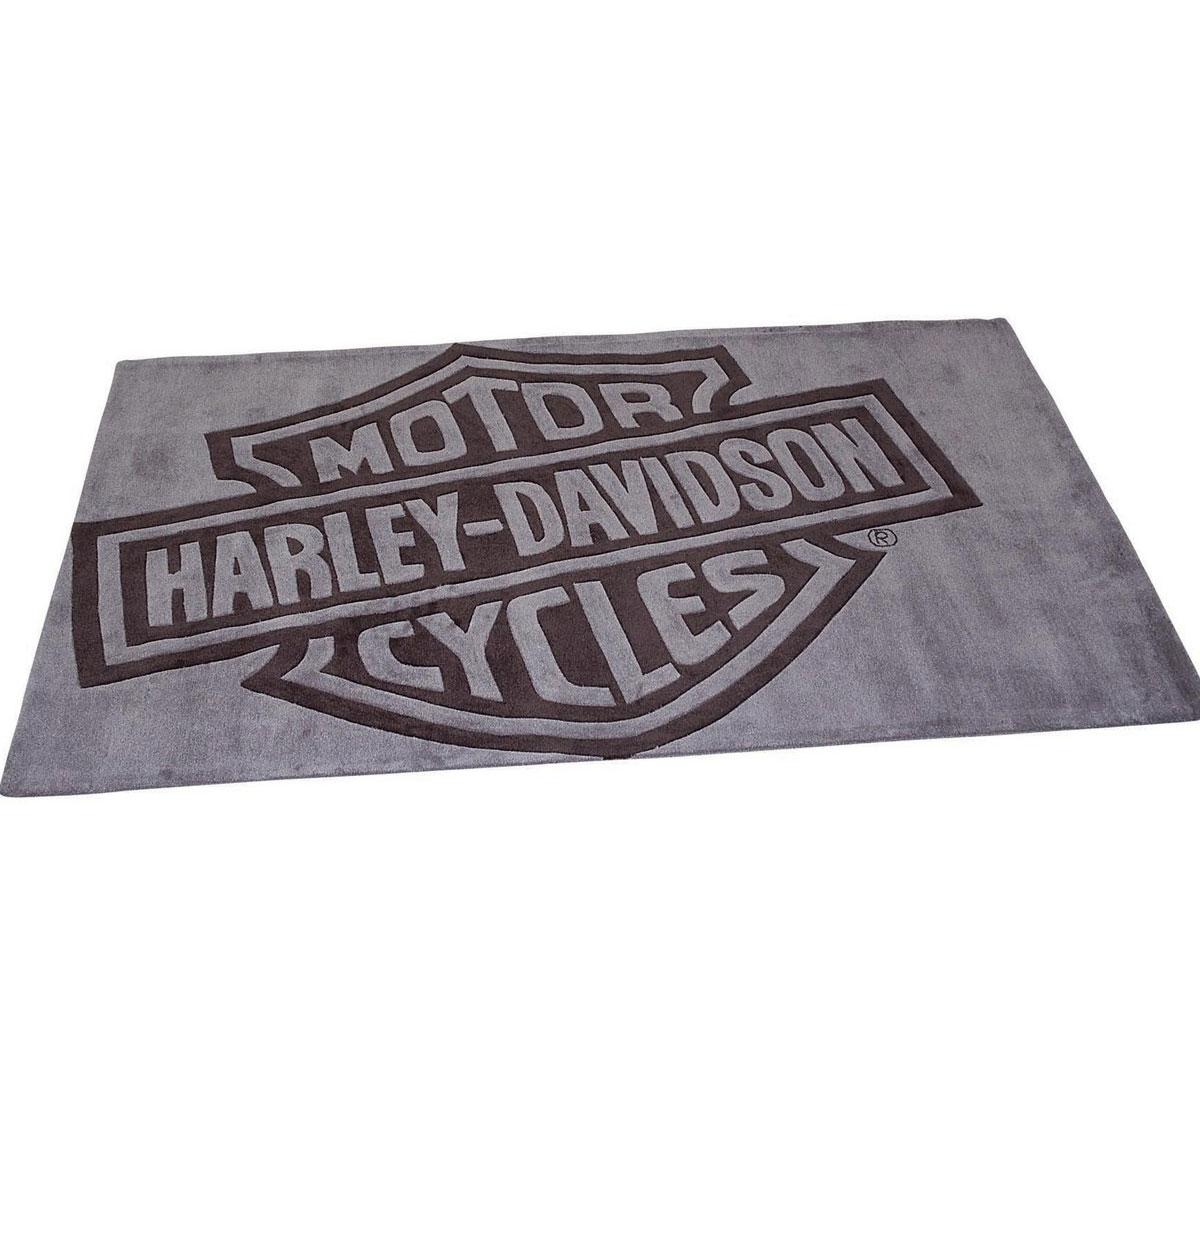 Harley-Davidson Groot Vloerkleed 2,5 x 1,5 M - LAATSTE KANS